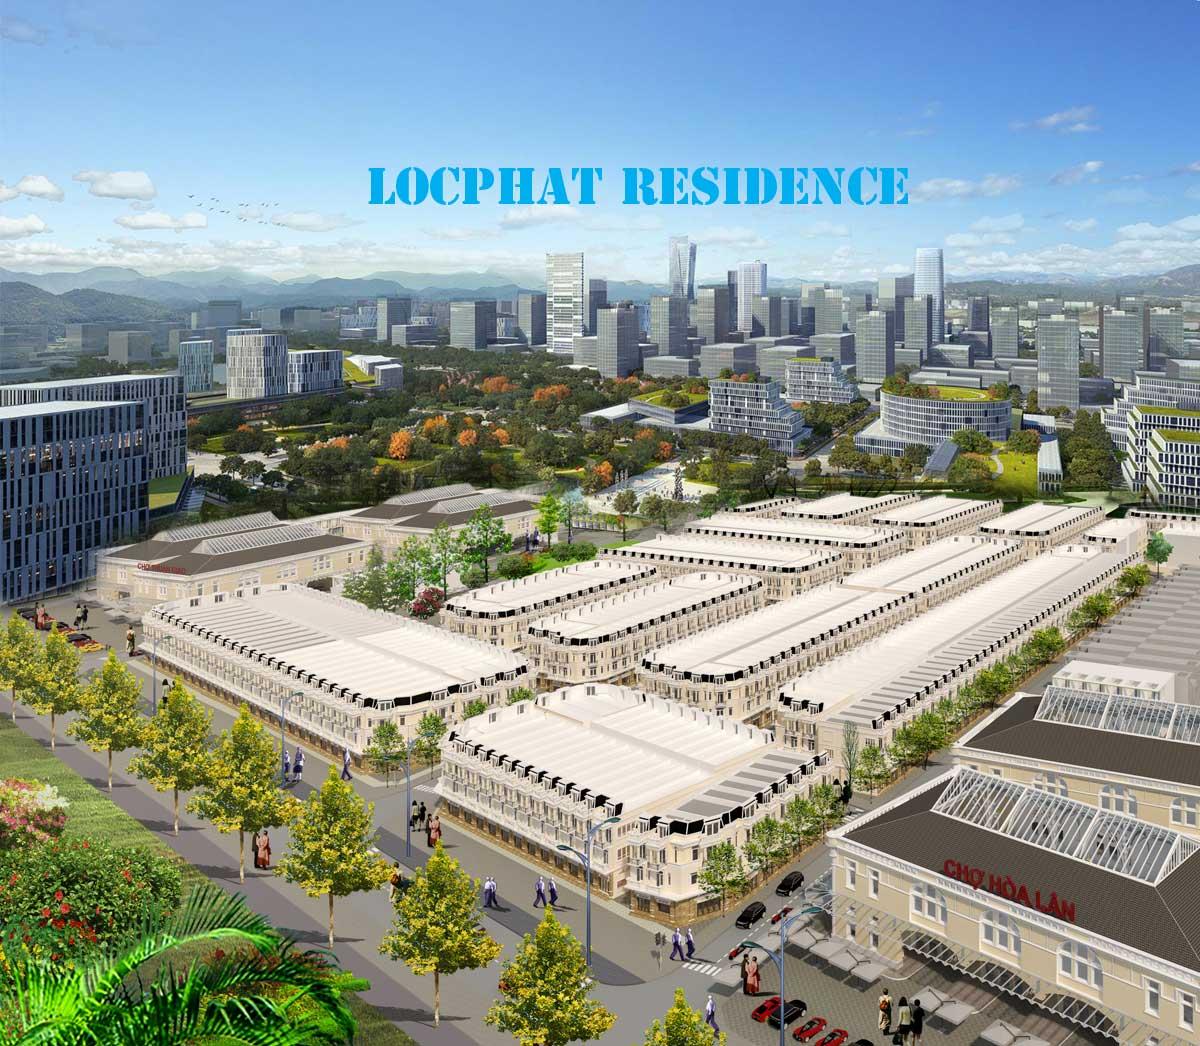 Phối cảnh dự án Lộc phát Residence